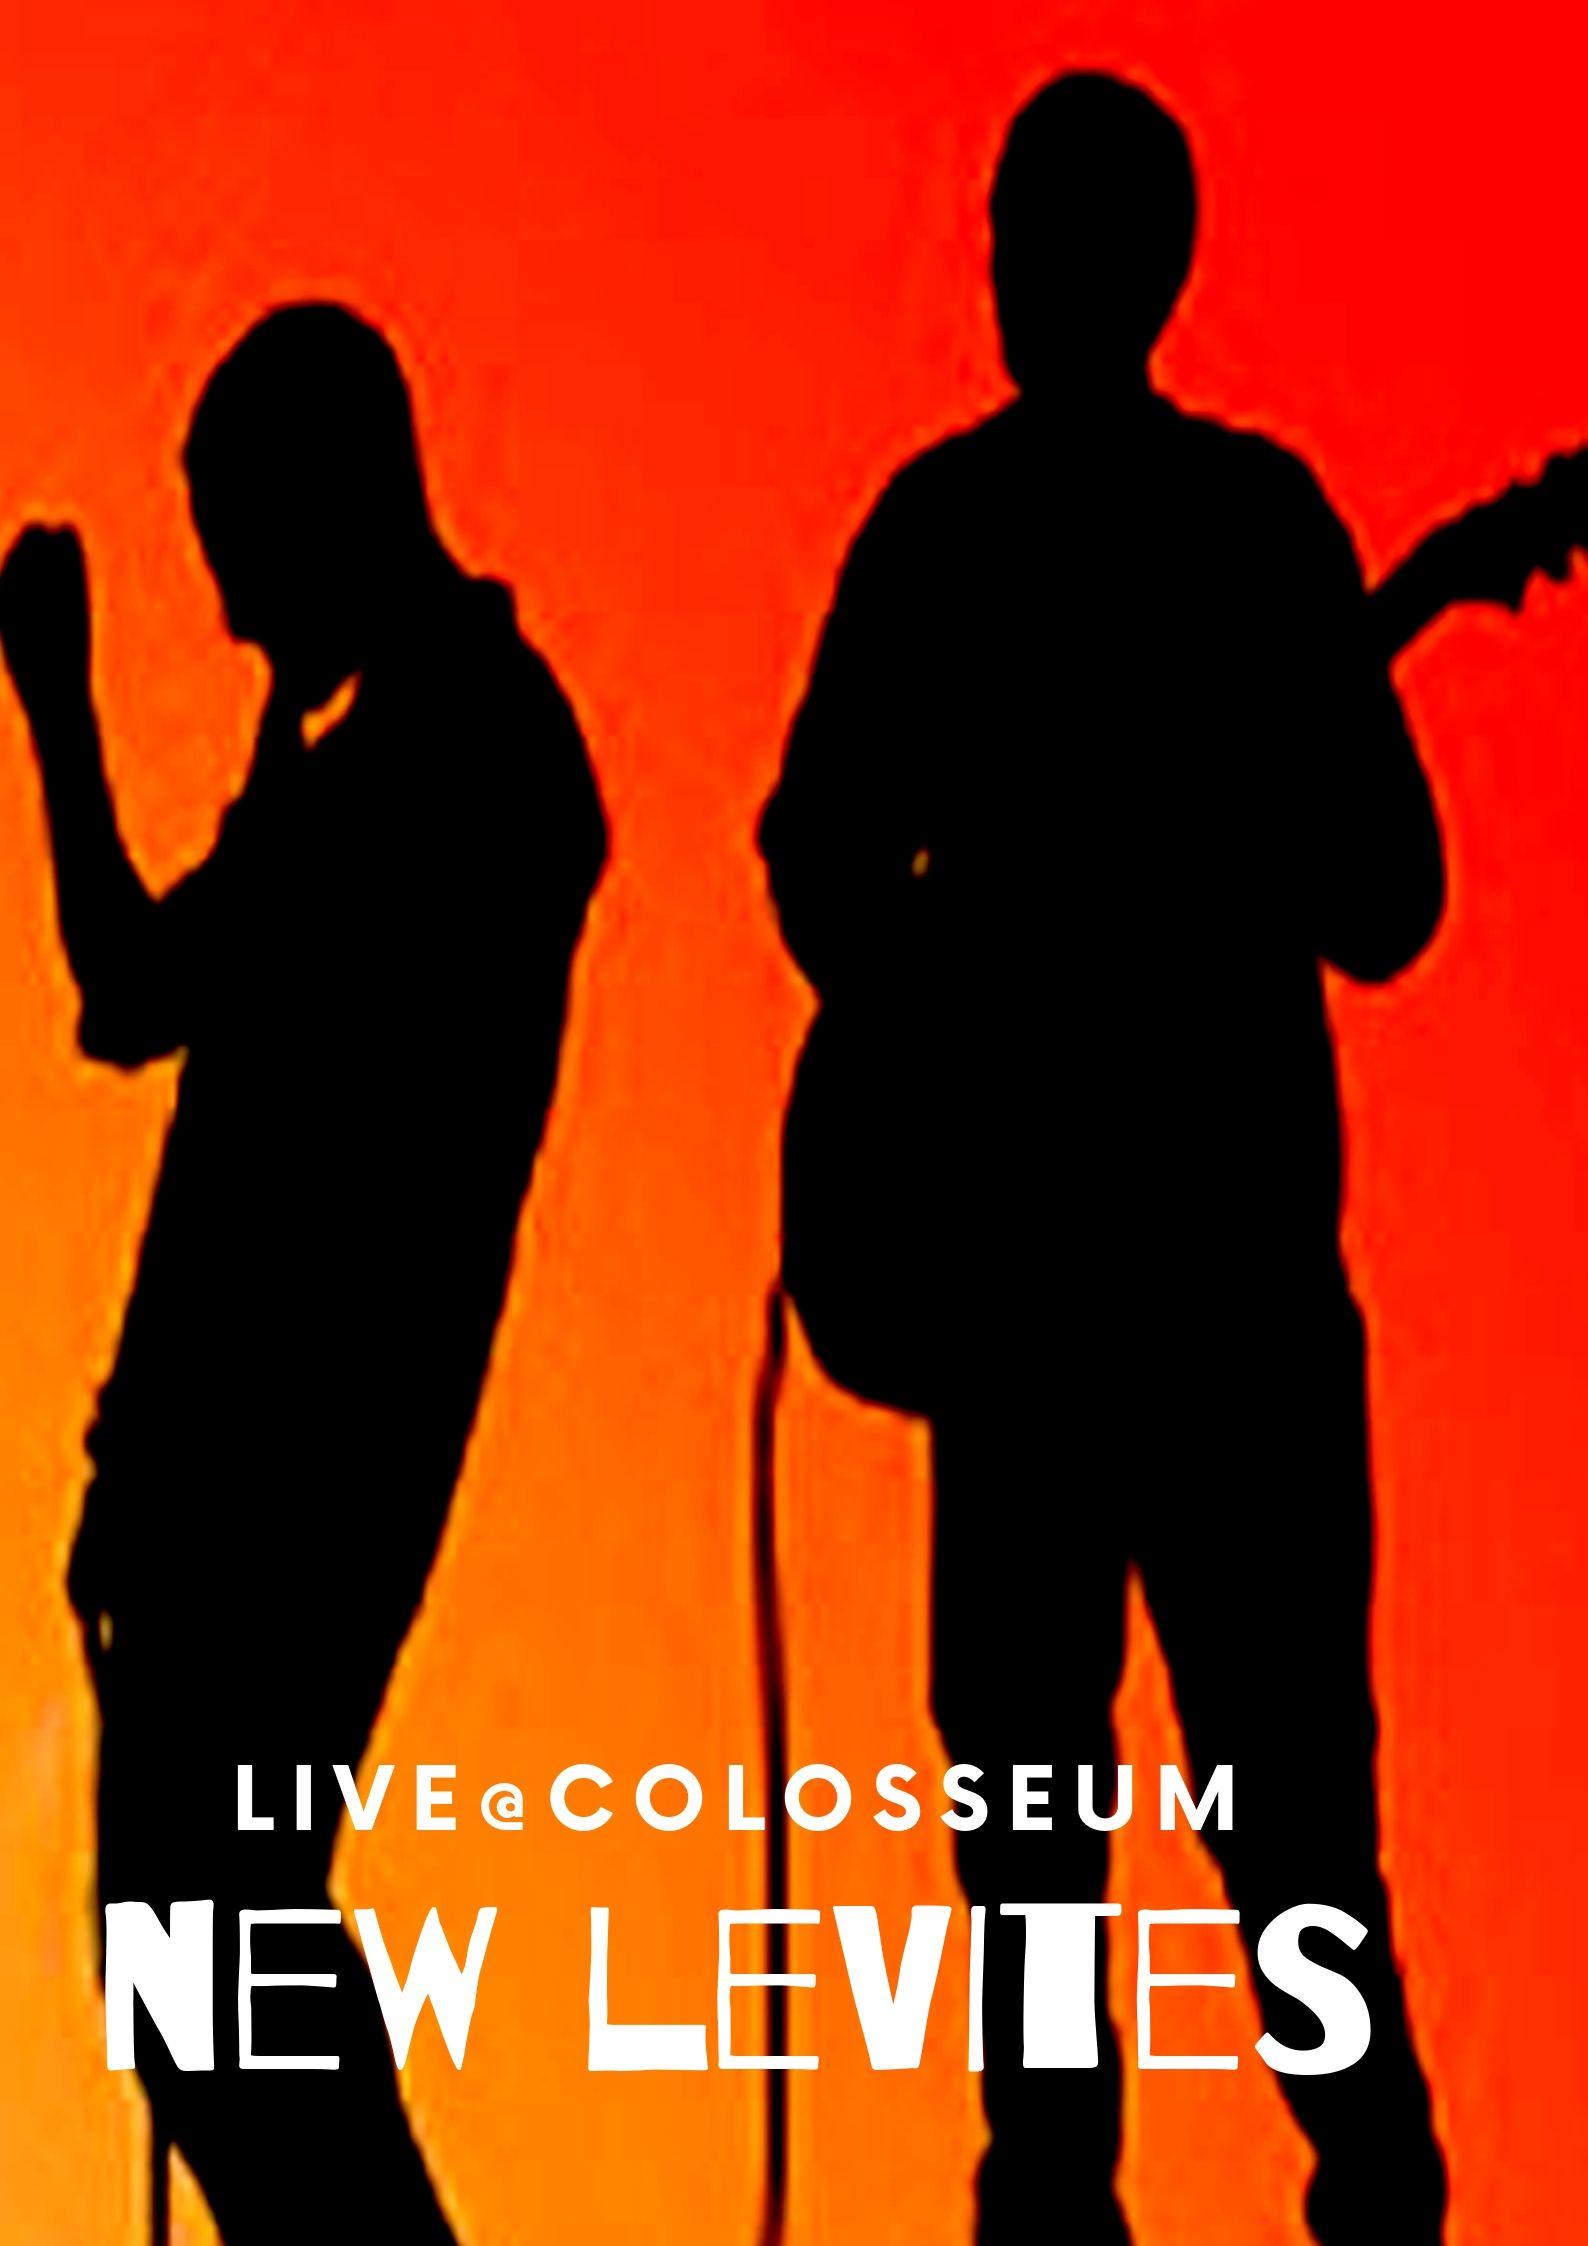 live@colosseum